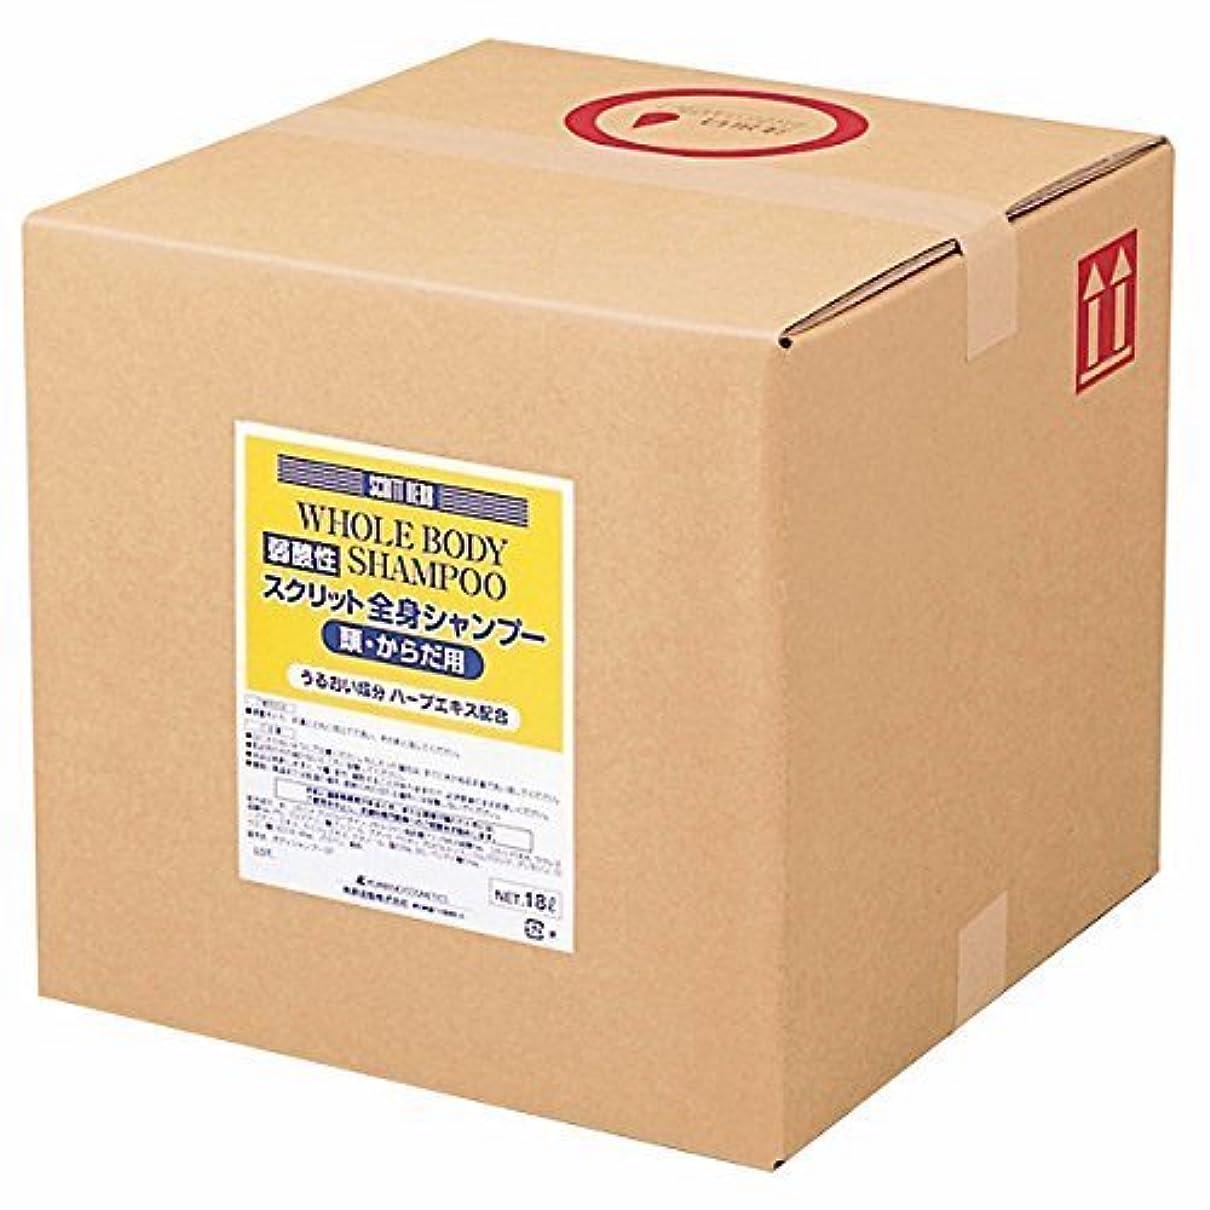 ヘクタールしばしば相反する業務用 SCRITT(スクリット) 全身シャンプー 18L 熊野油脂 (コック無し)